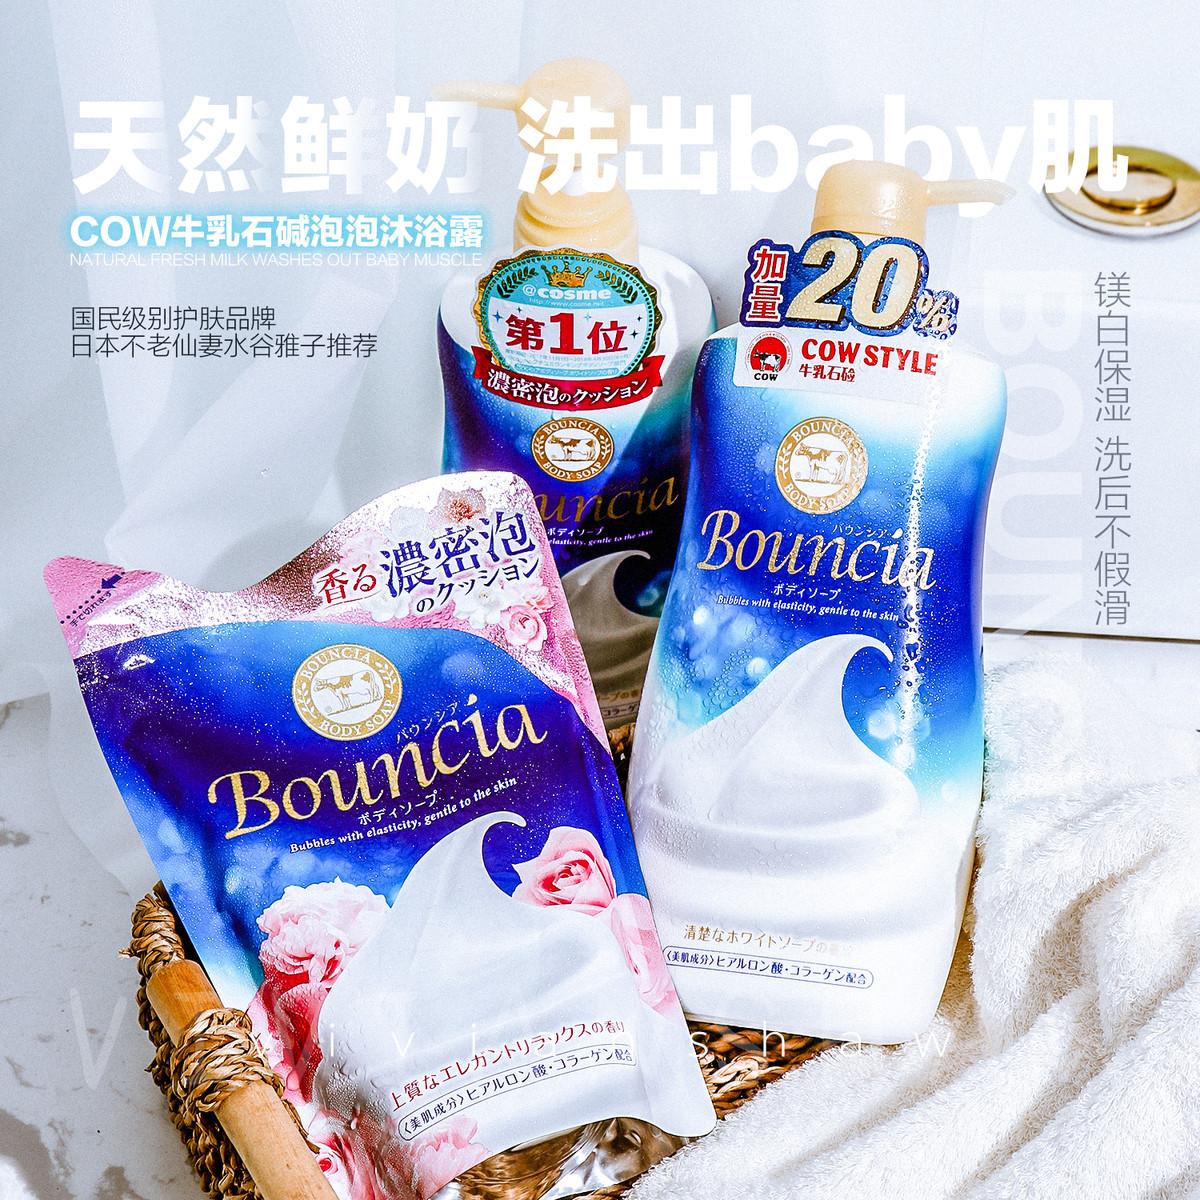 日本正品 cow牛乳石鹼bouncia沐浴露 550ml 深層美白淡化黑色素